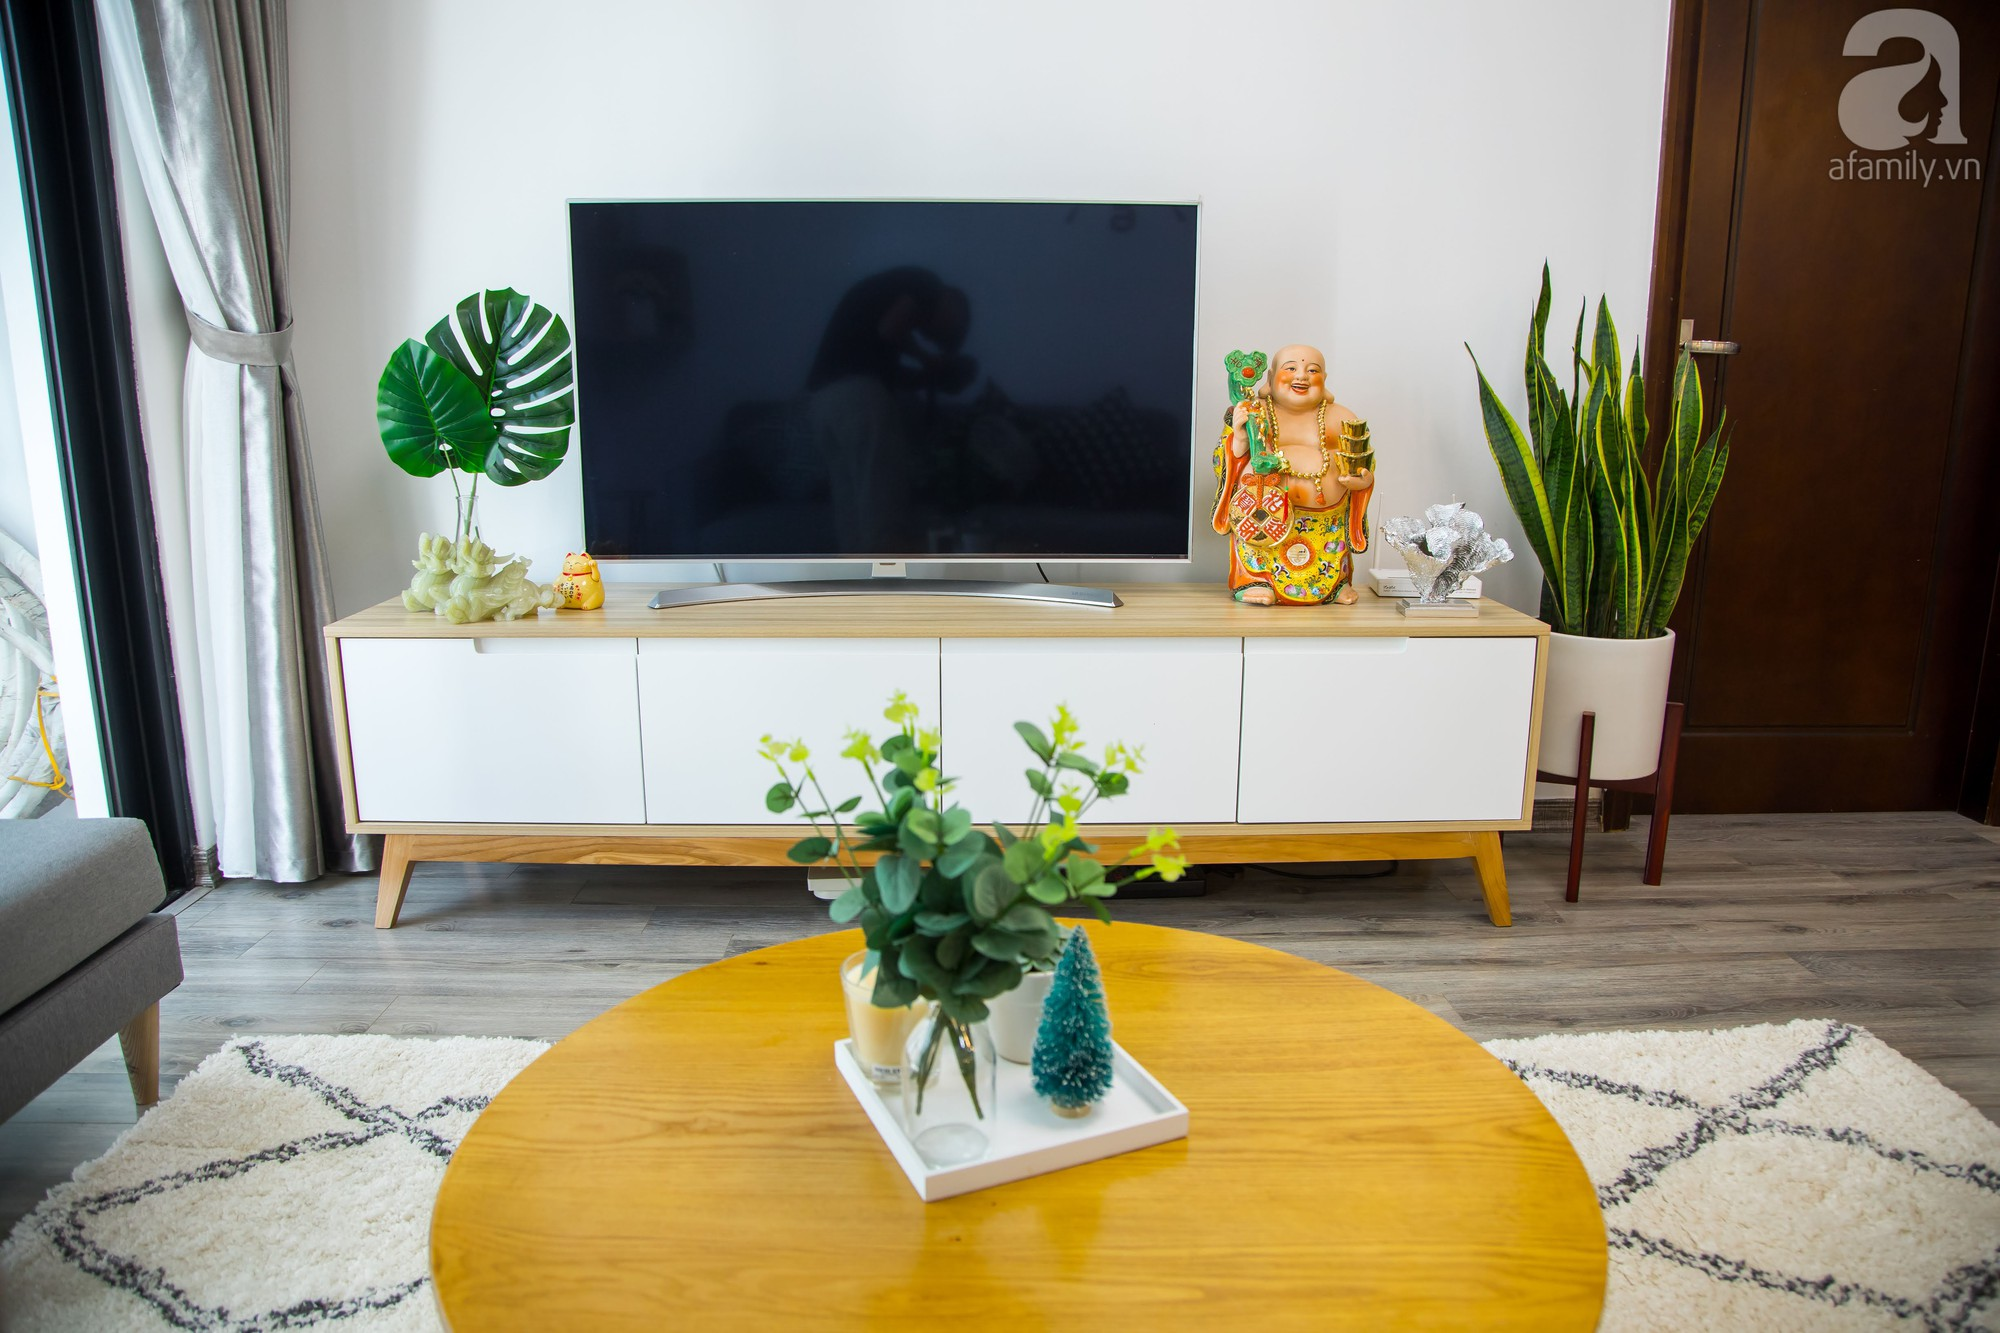 Căn hộ trên tầng cao đẹp duyên dáng với phong cách Scandinavian giữa lòng Hà Nội của đôi vợ chồng trẻ - Ảnh 6.